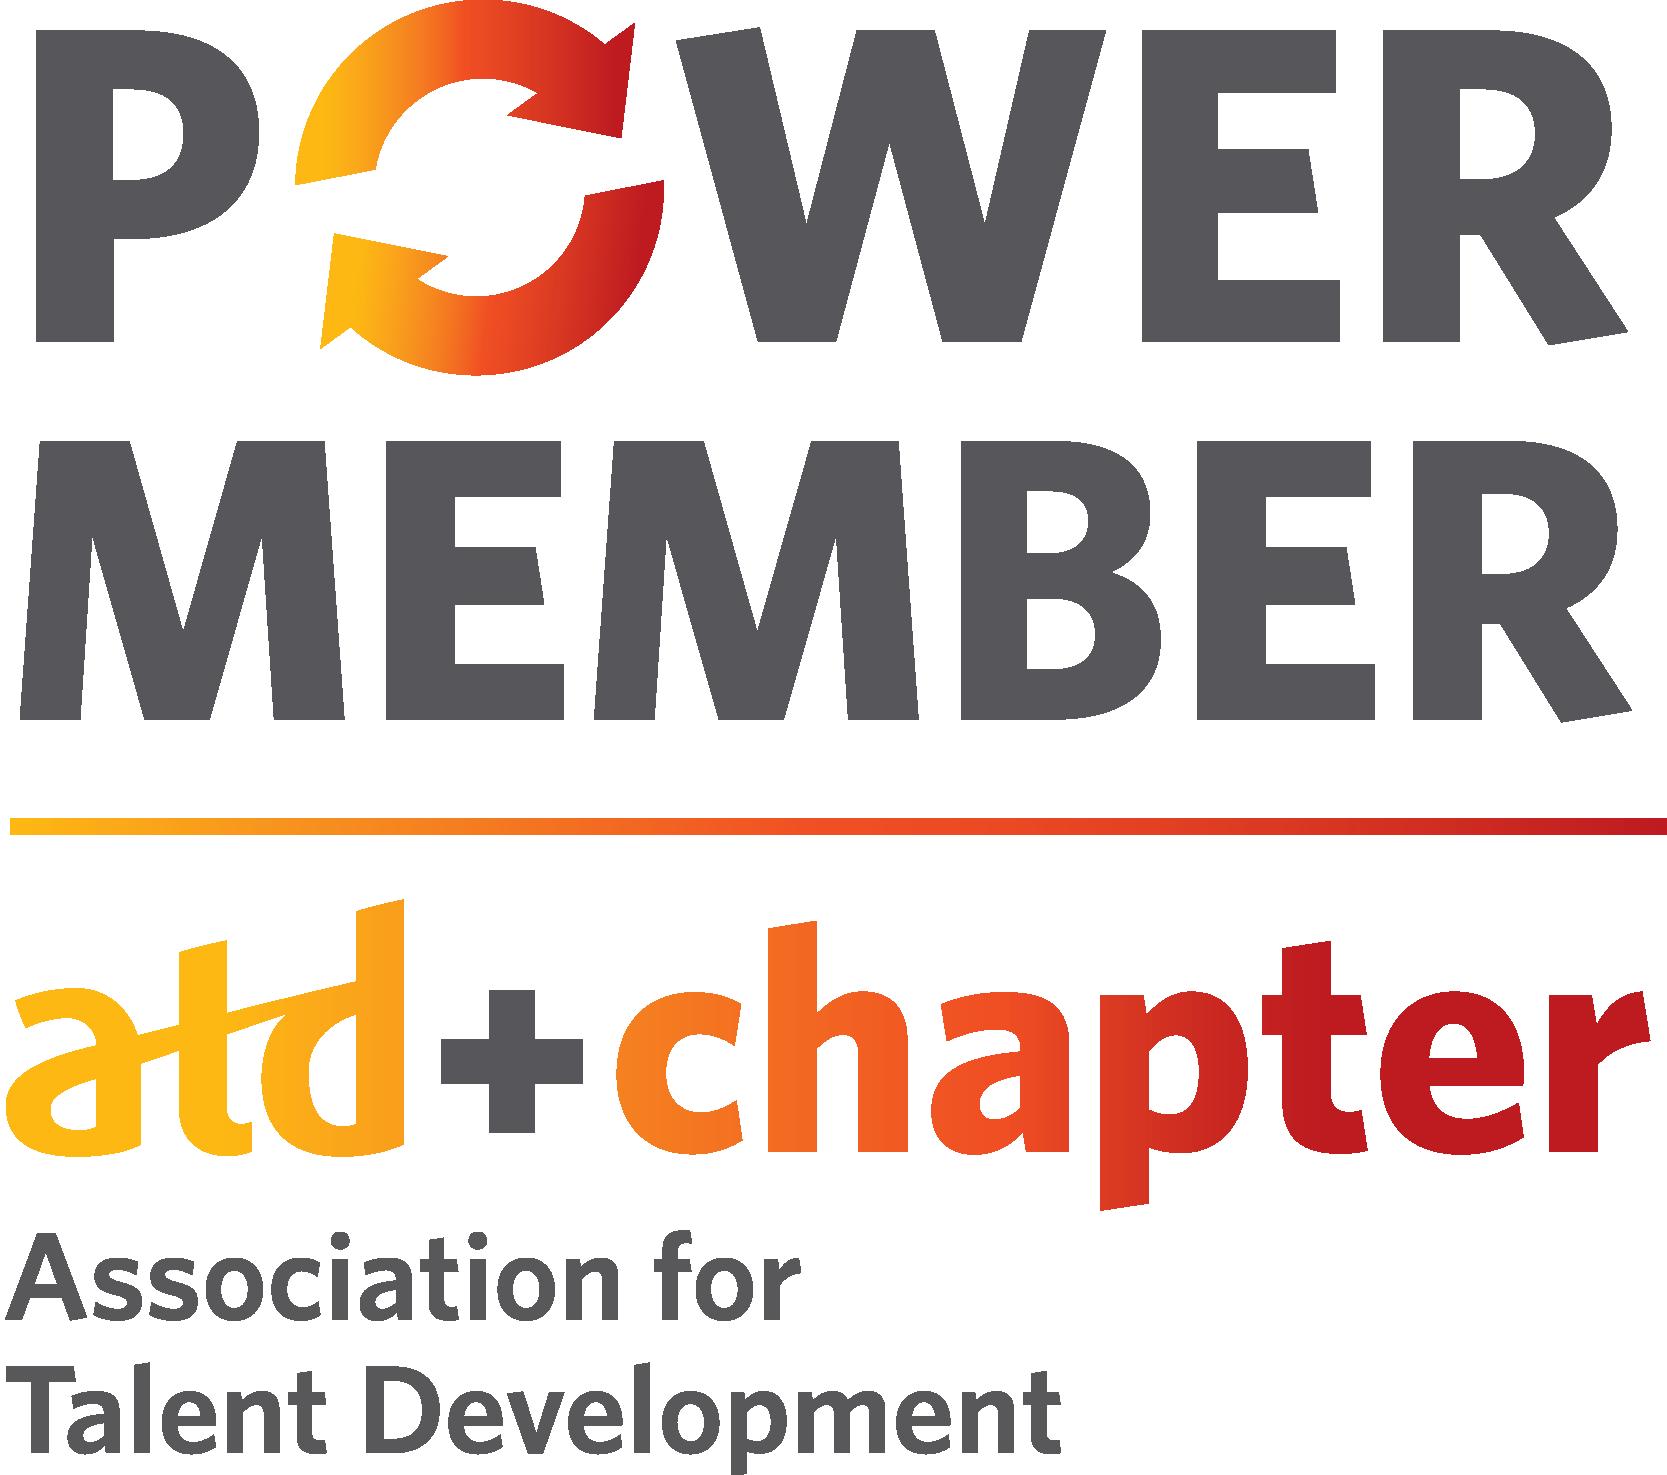 https://s3.amazonaws.com/files.astd.org/Membership/Power-member/PowerMember-Logo.png